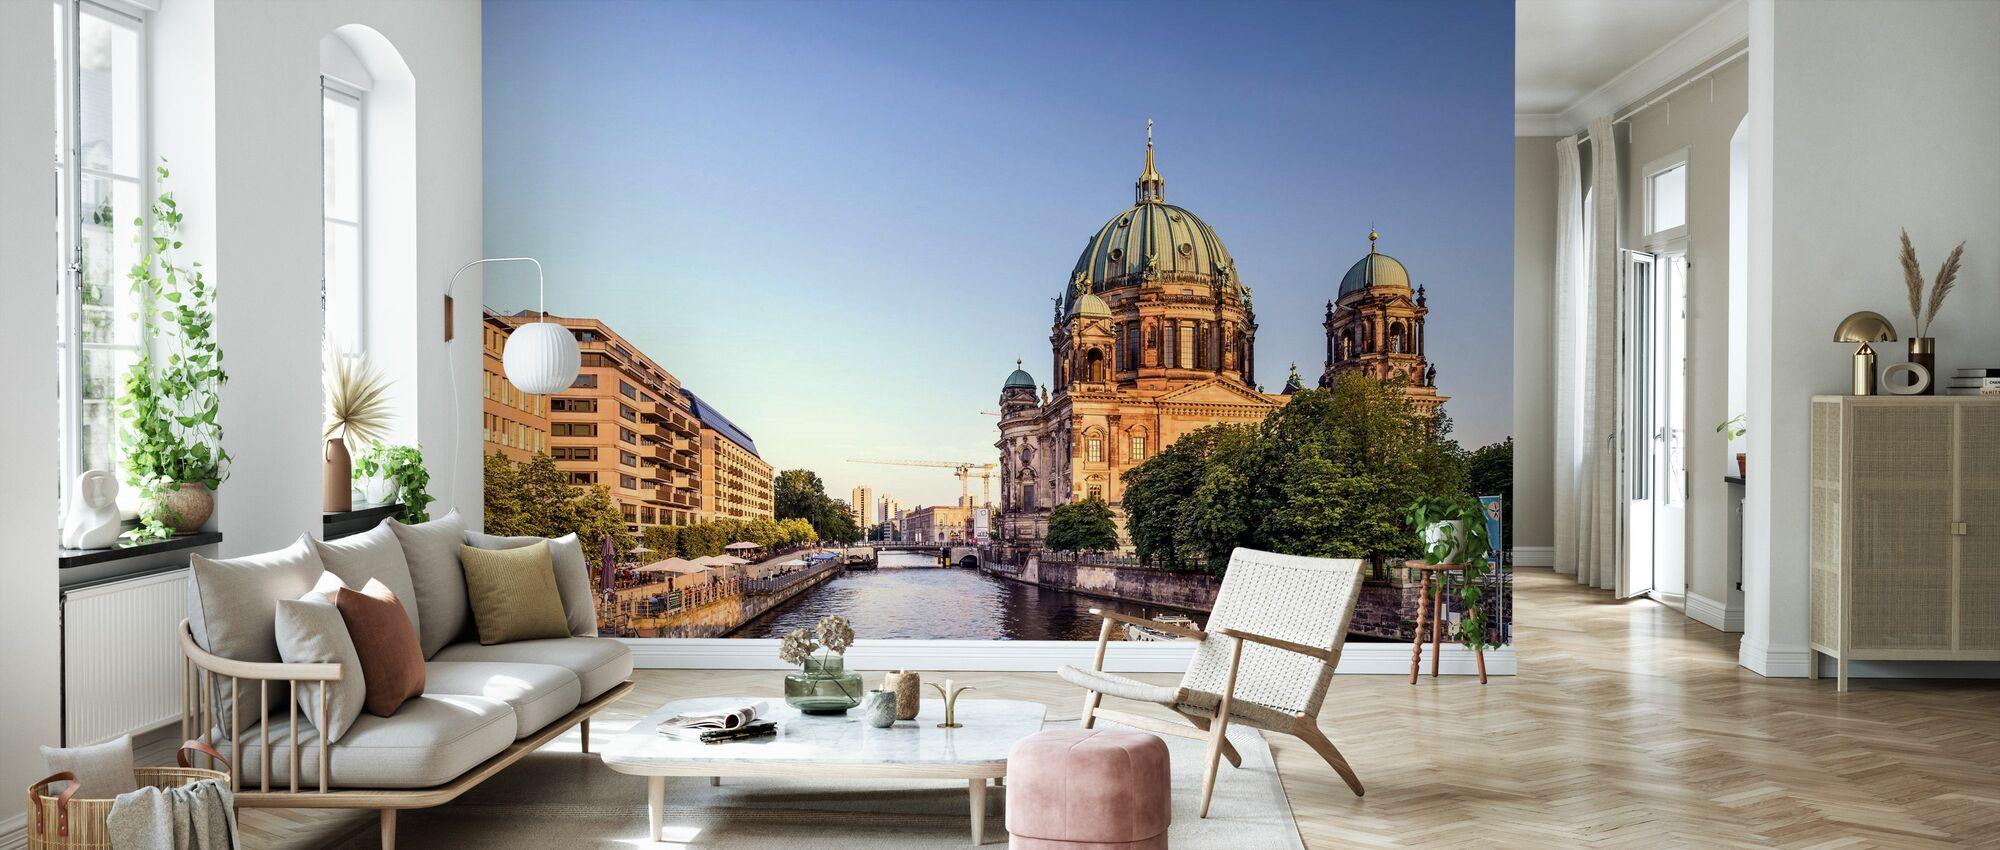 Berliner Dom - Tapet - Stue